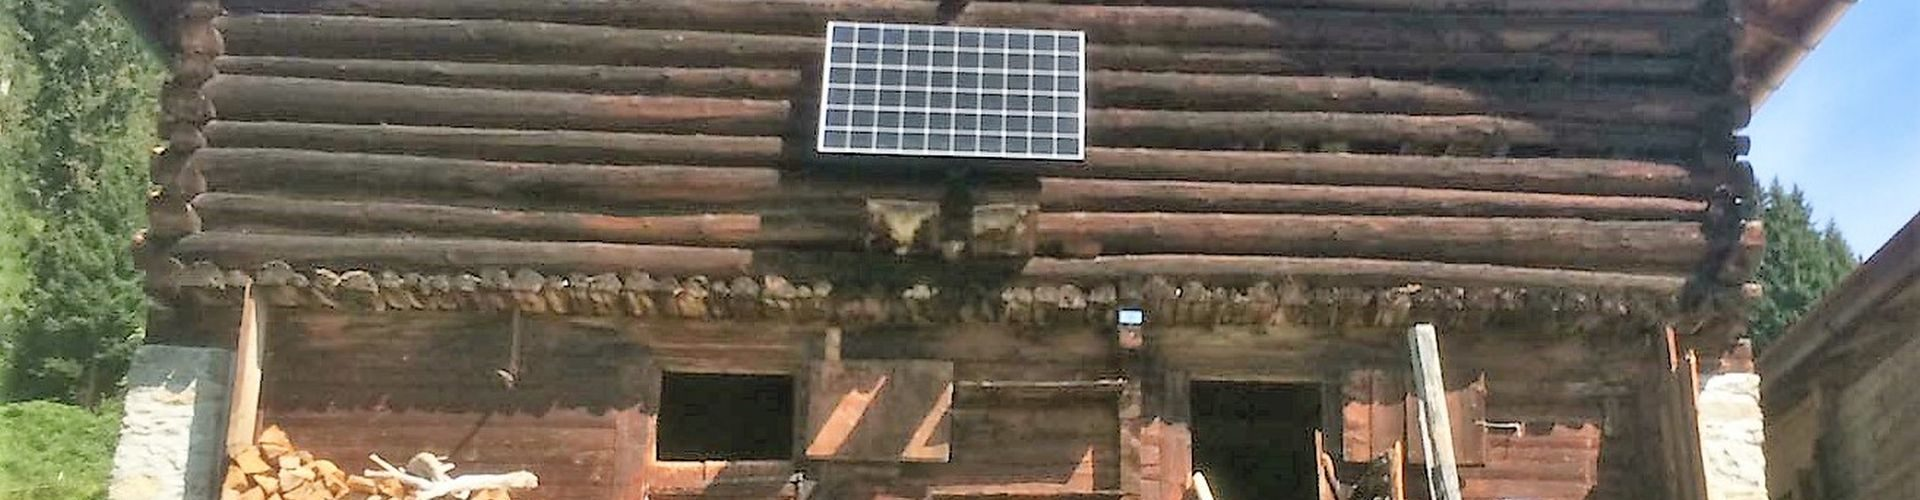 Photovoltaik Inselanlage für Maiensäss in Schlans